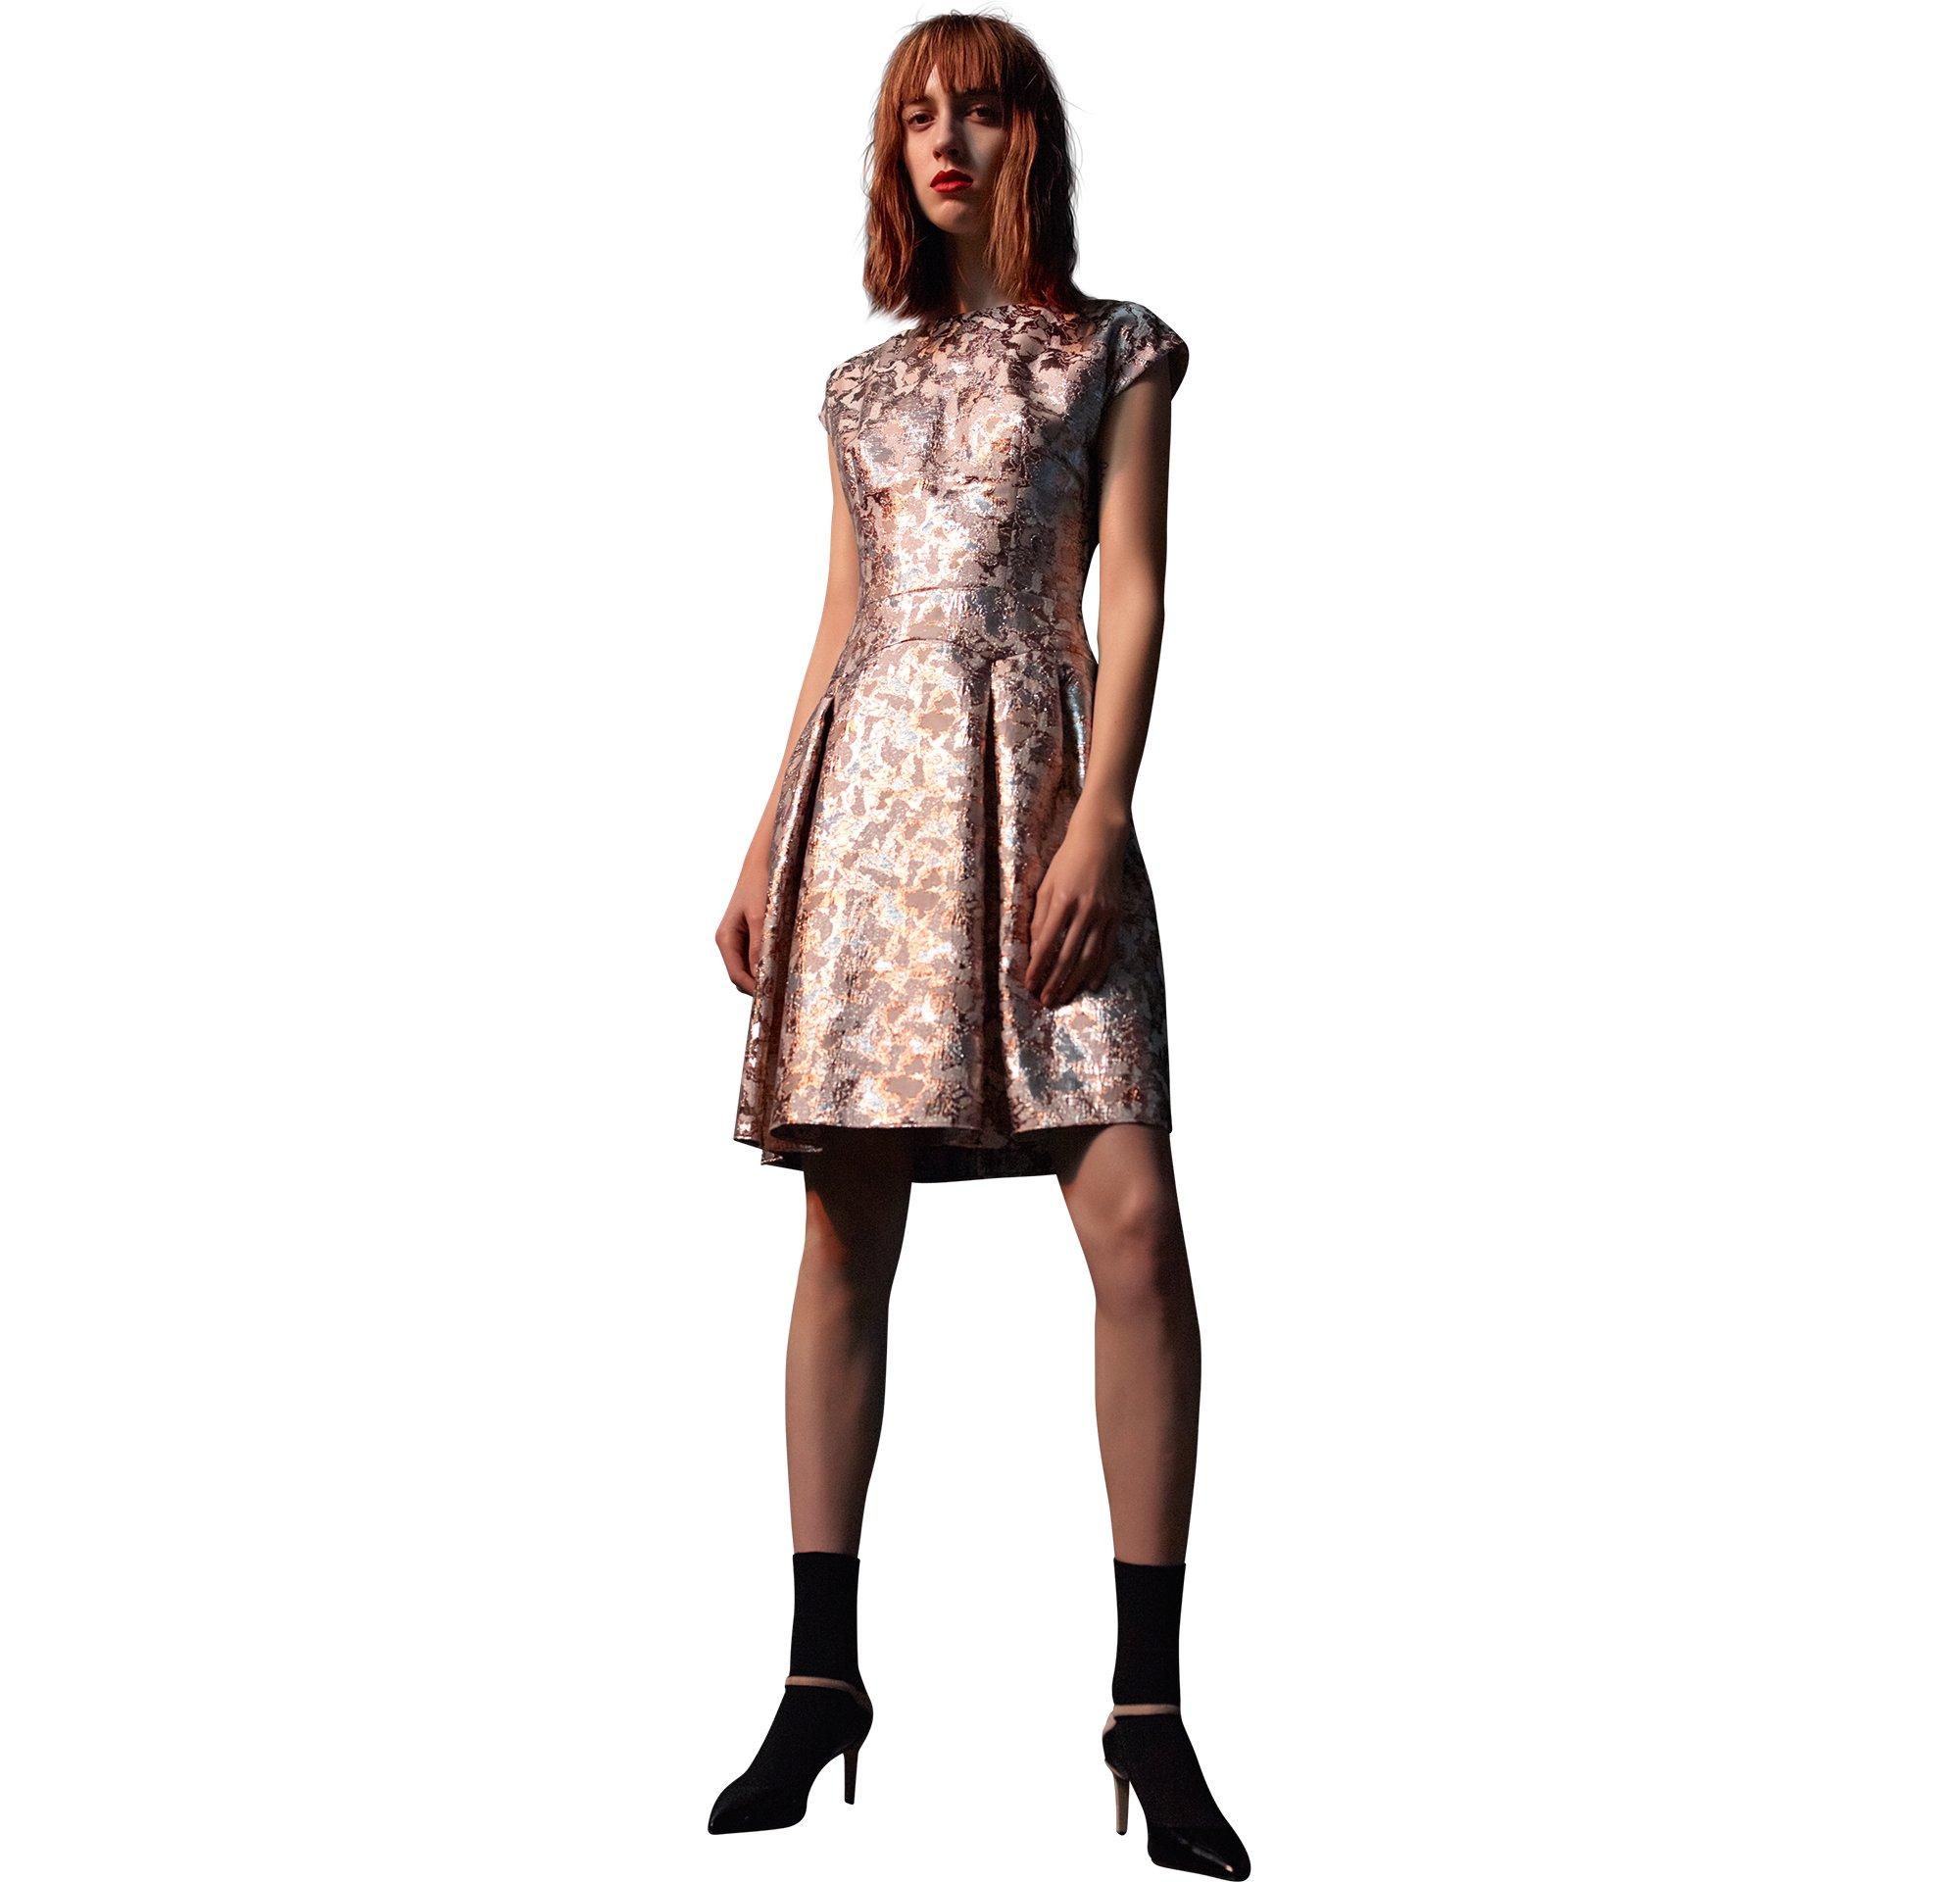 Hellrosa Kleid und schwarze Schuhe von HUGO